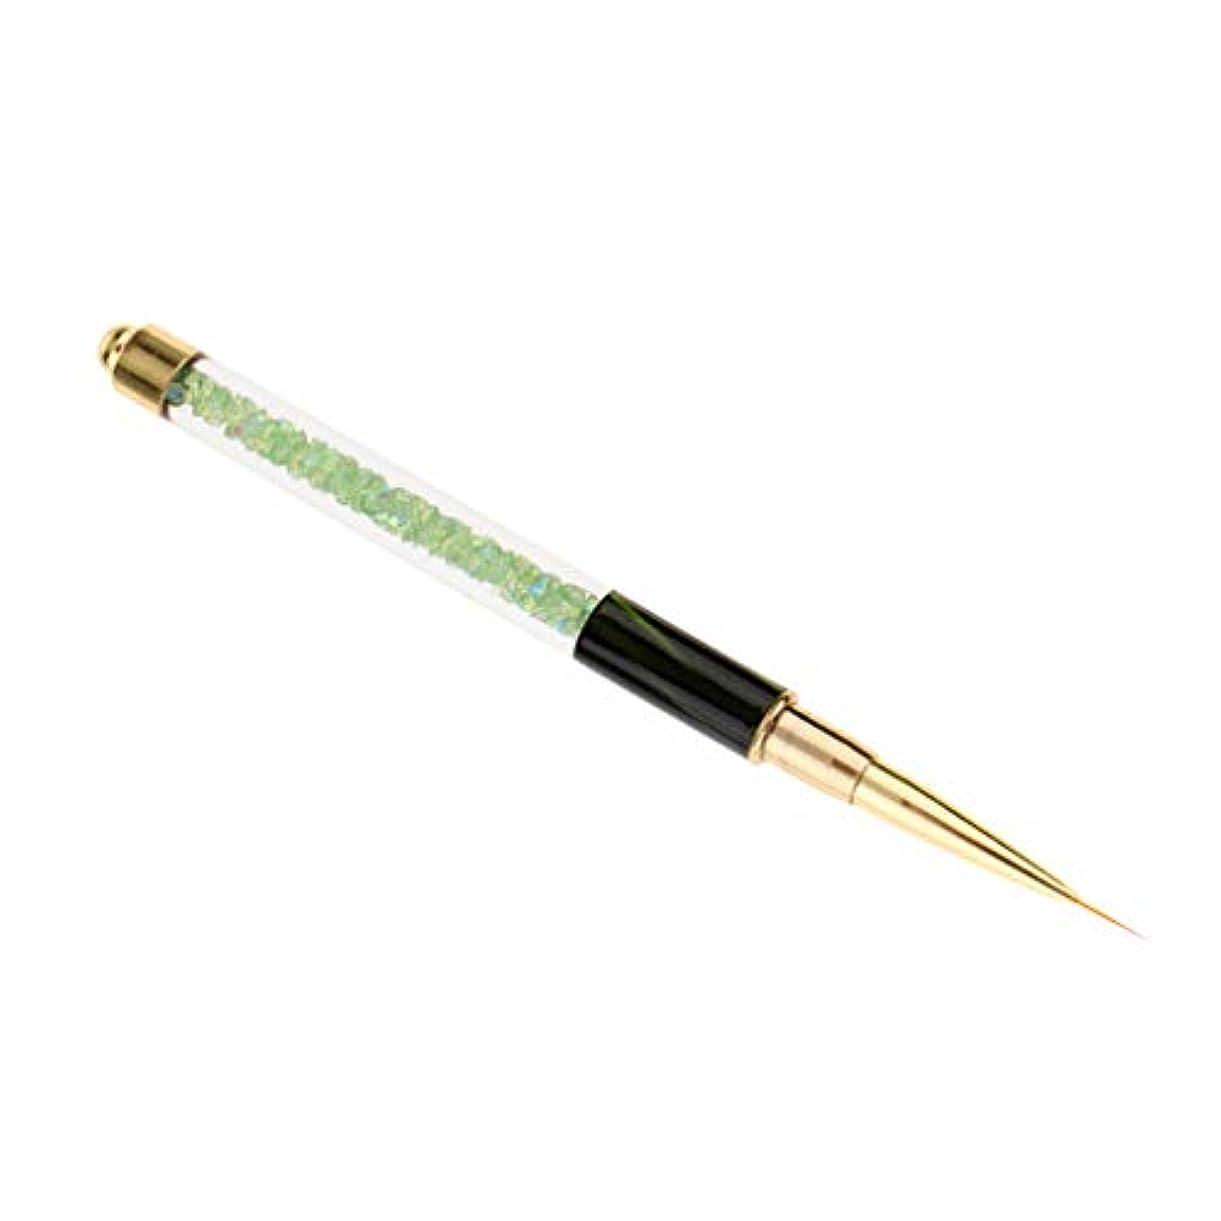 君主制質素な悪のプロのネイルアートブラシUVジェルポリッシュデッサンライナー絵画デザインペン - 緑